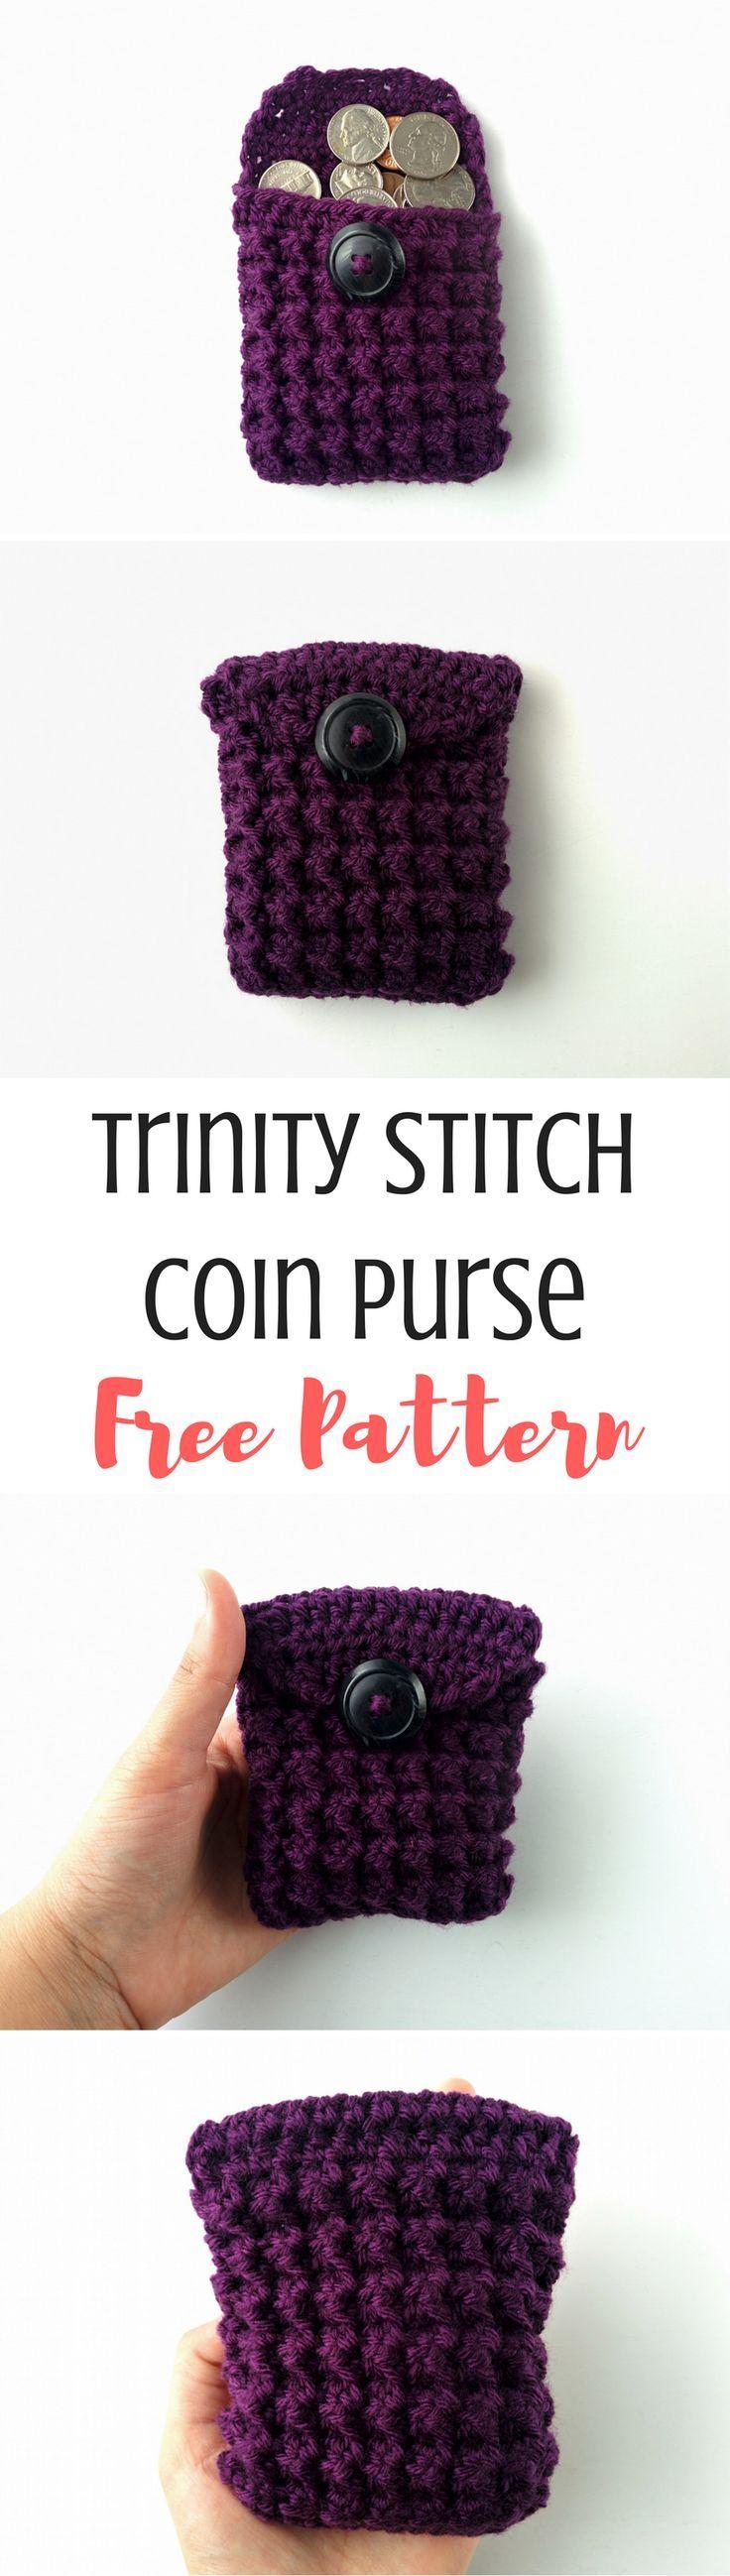 Hat Crochet Pattern Trolls Poppy